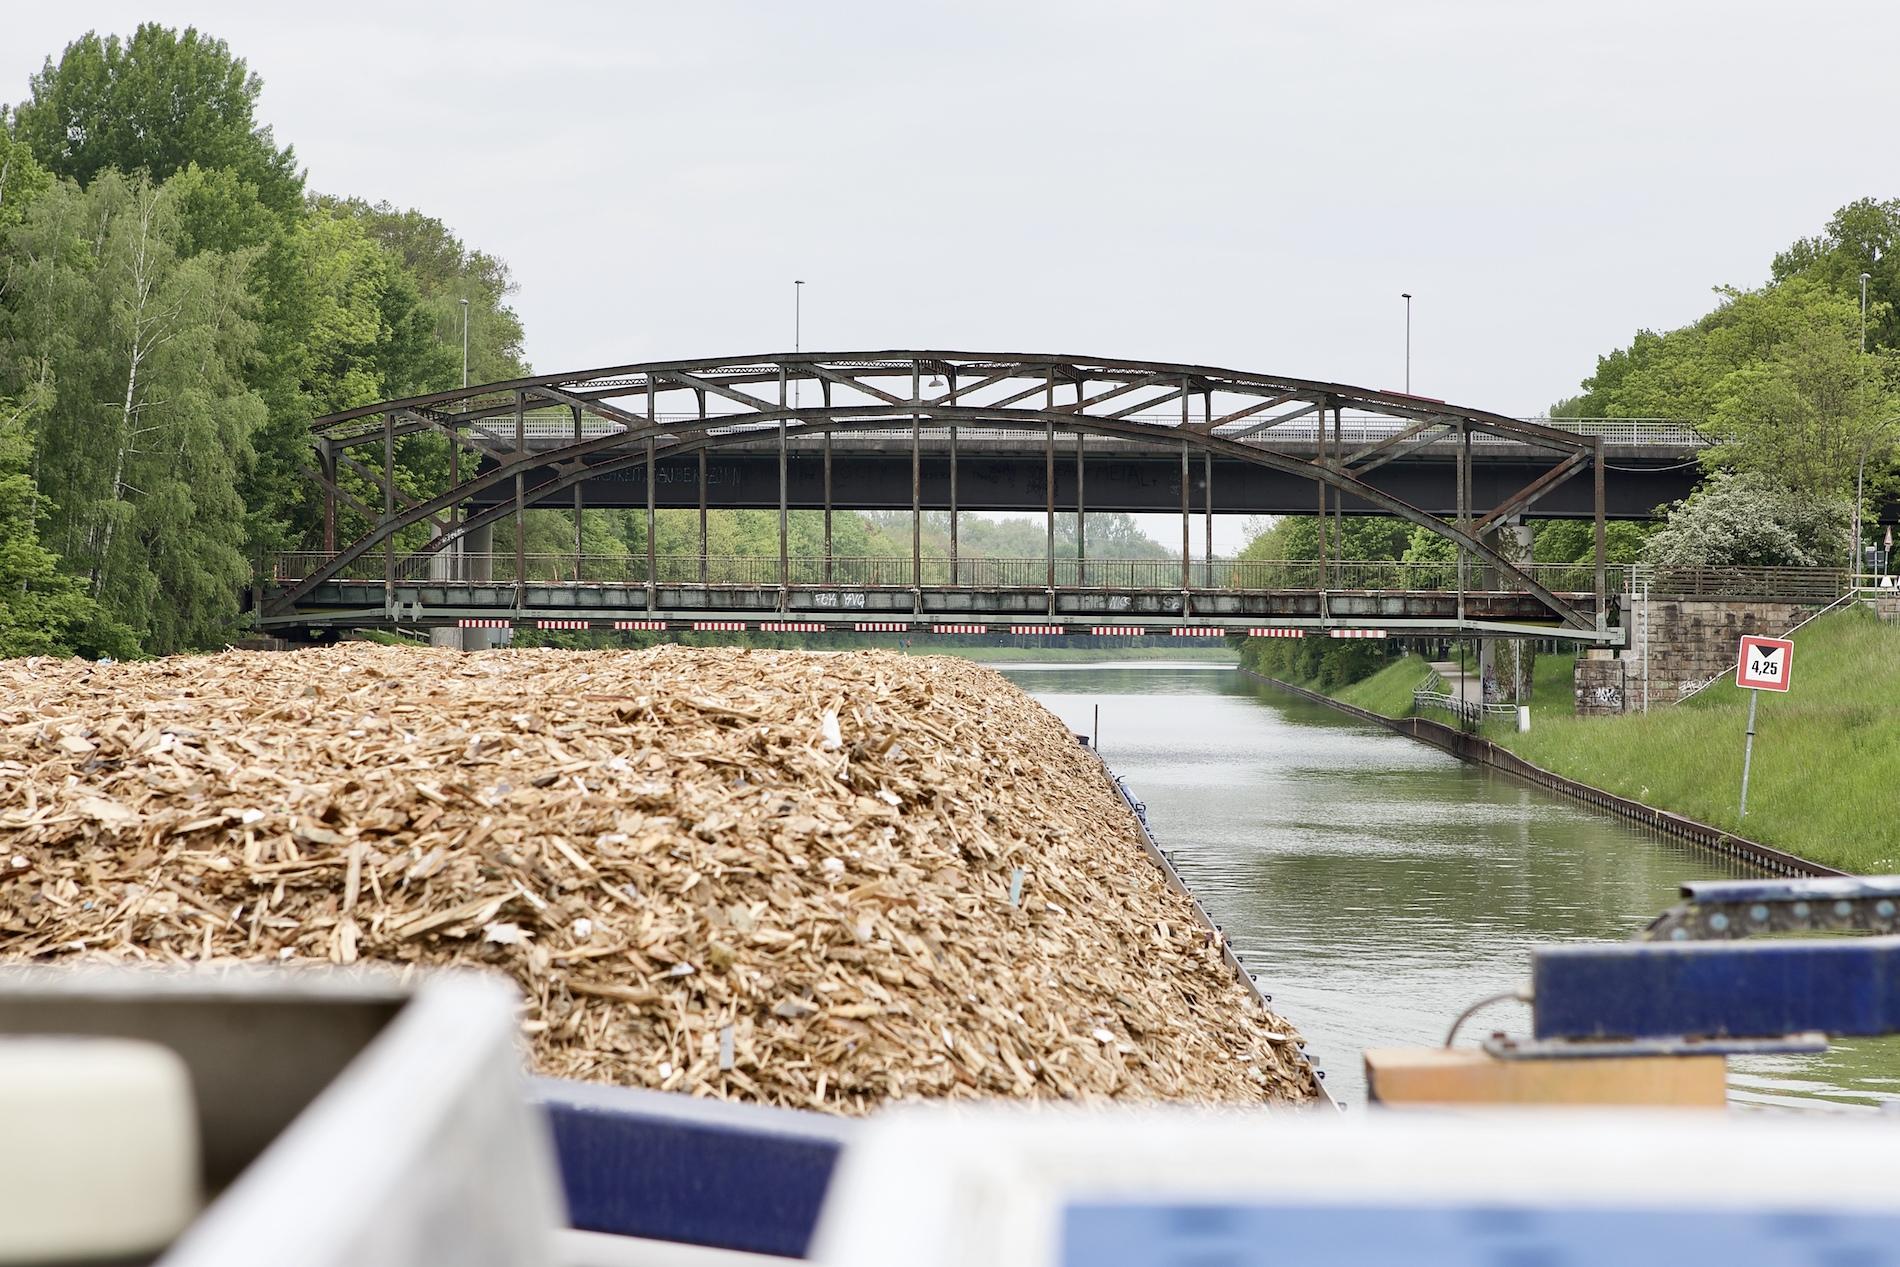 Transport von Holzhackschnitzel übers Wasser, Logistik im Kreislauf